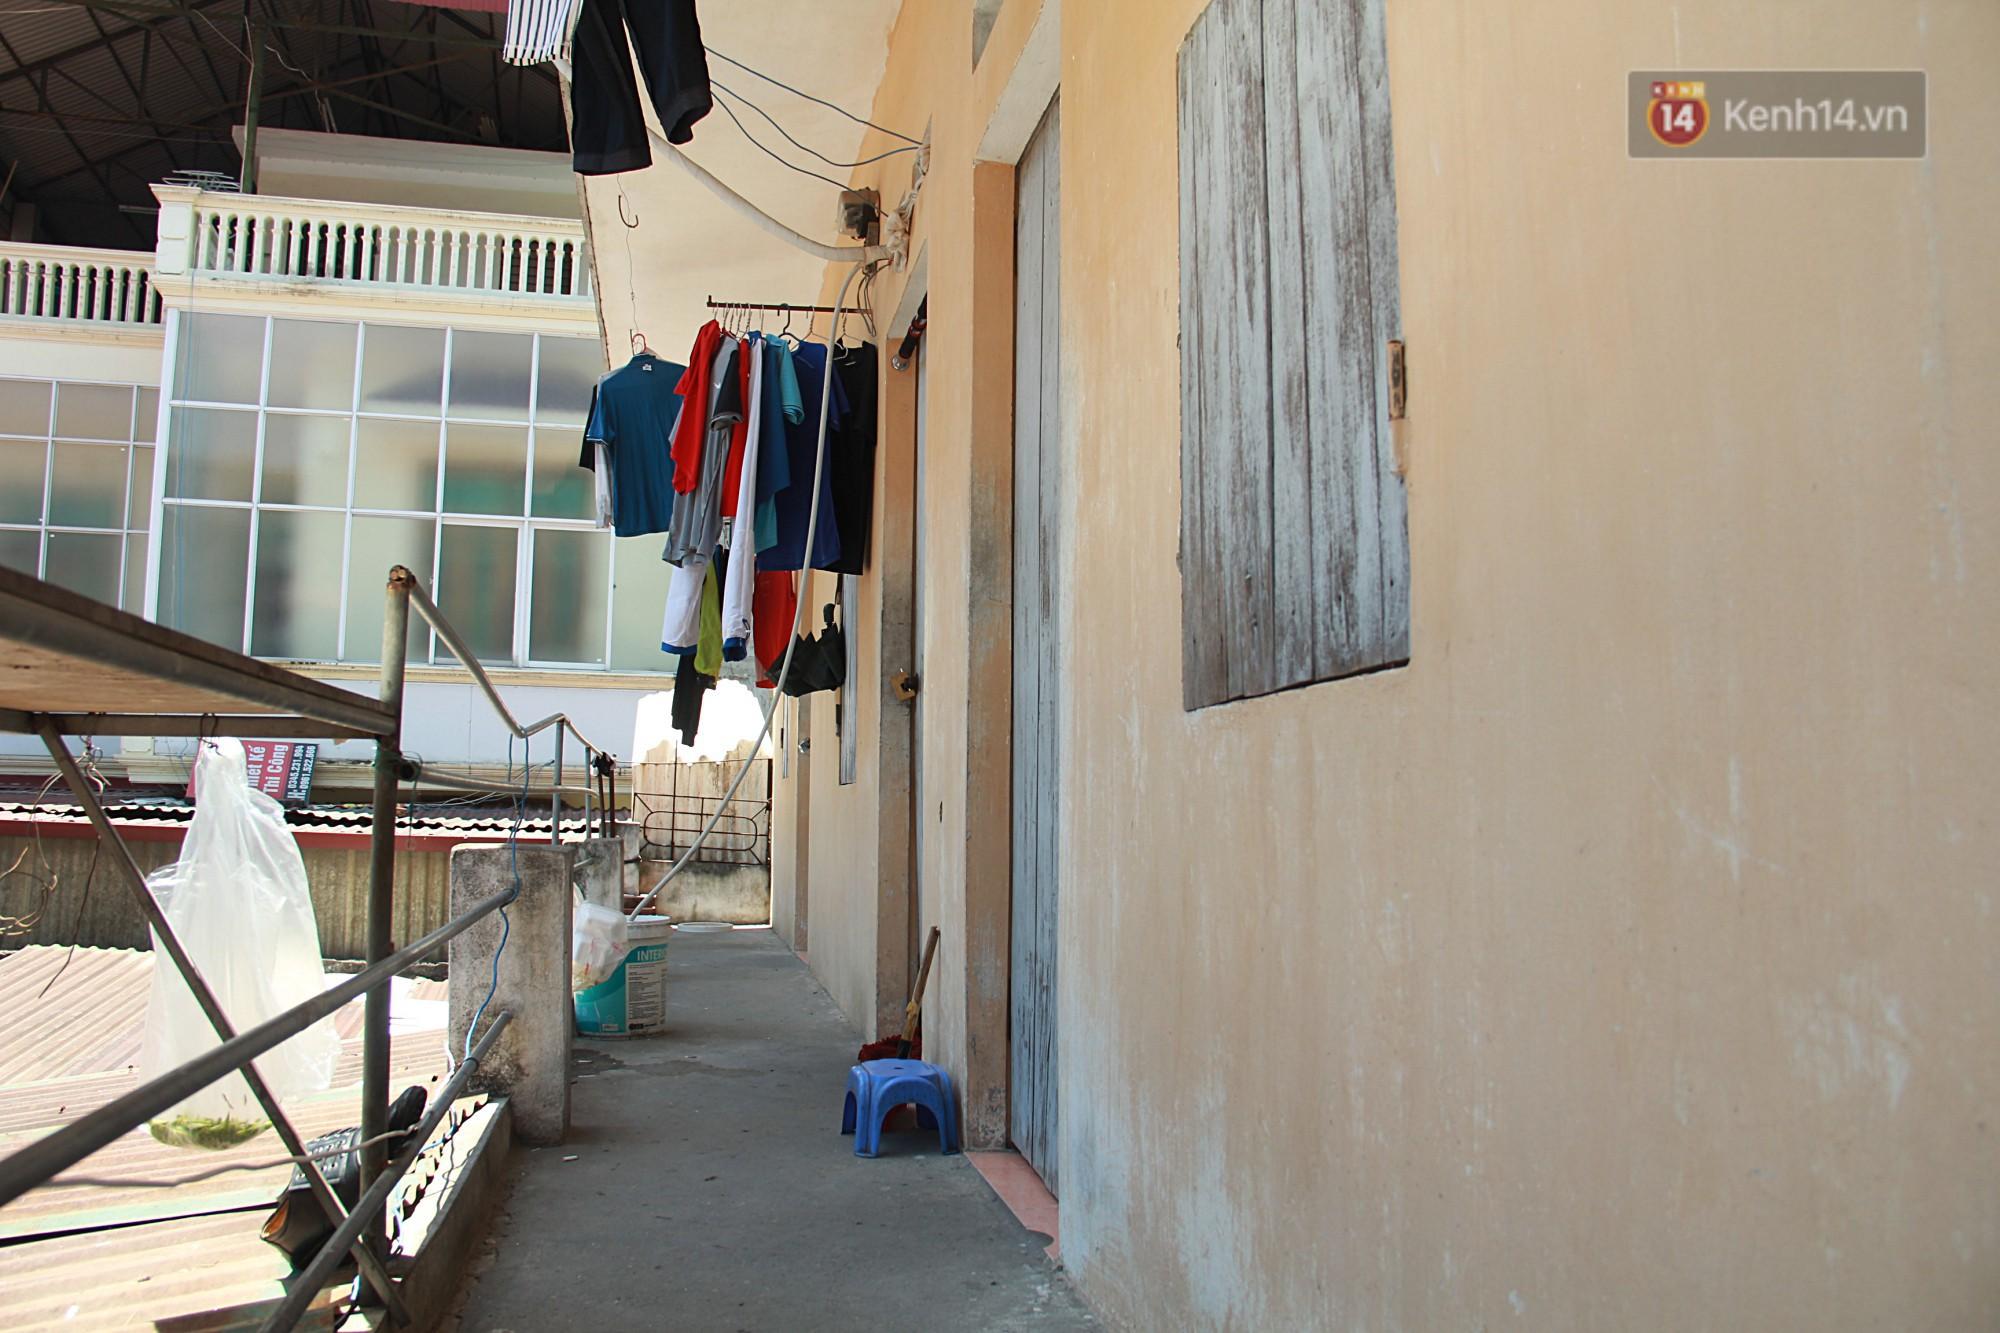 Cái nóng Hà Nội lên đến 50 độ: Dân xóm nghèo oằn mình trong các phòng trọ lợp ngói tôn, hầm hập như muốn luộc chín người - Ảnh 7.